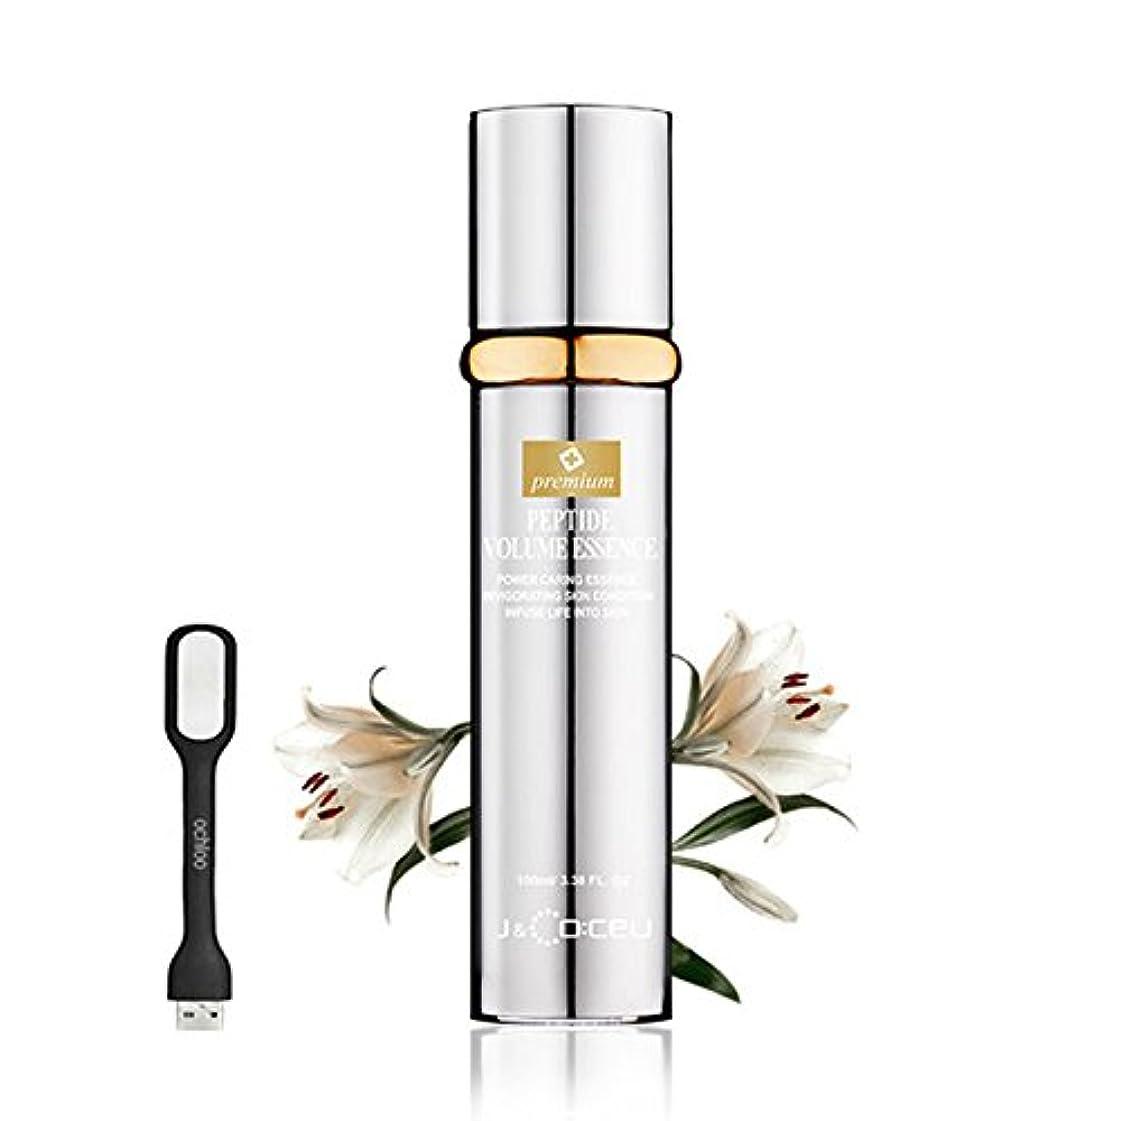 起きている苦味こどもの宮殿Premium Peptide Volume Essence 100ml: Upgraded Cosmetic Botox Anti-Wrinkle Essence All in One Wrinkle-care Firming...